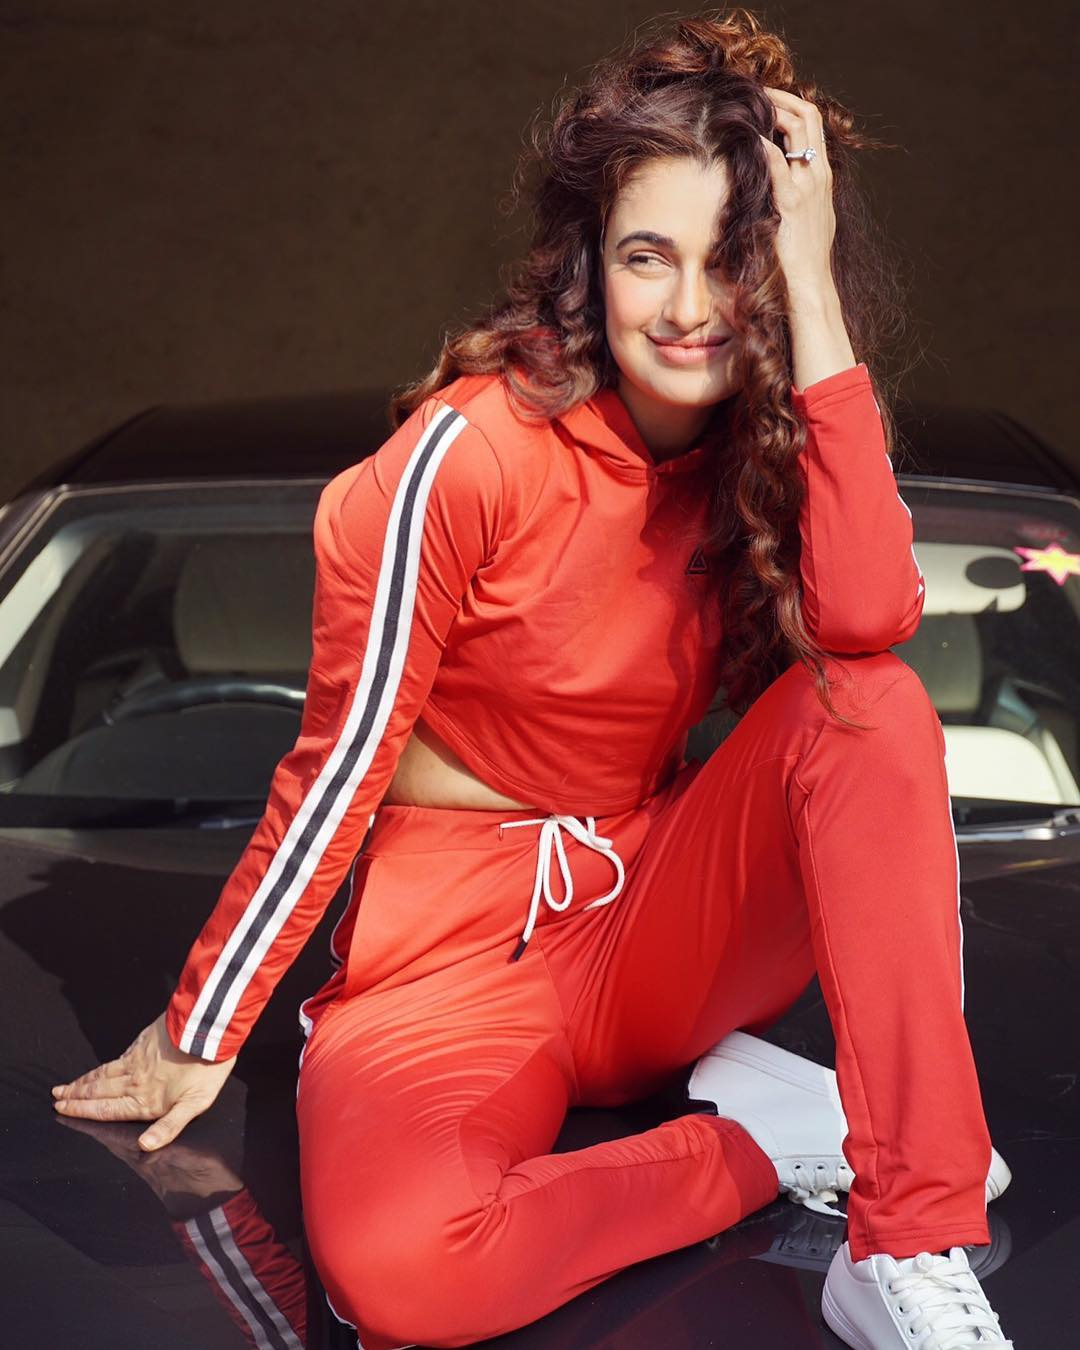 Yuvika chaudhary 19